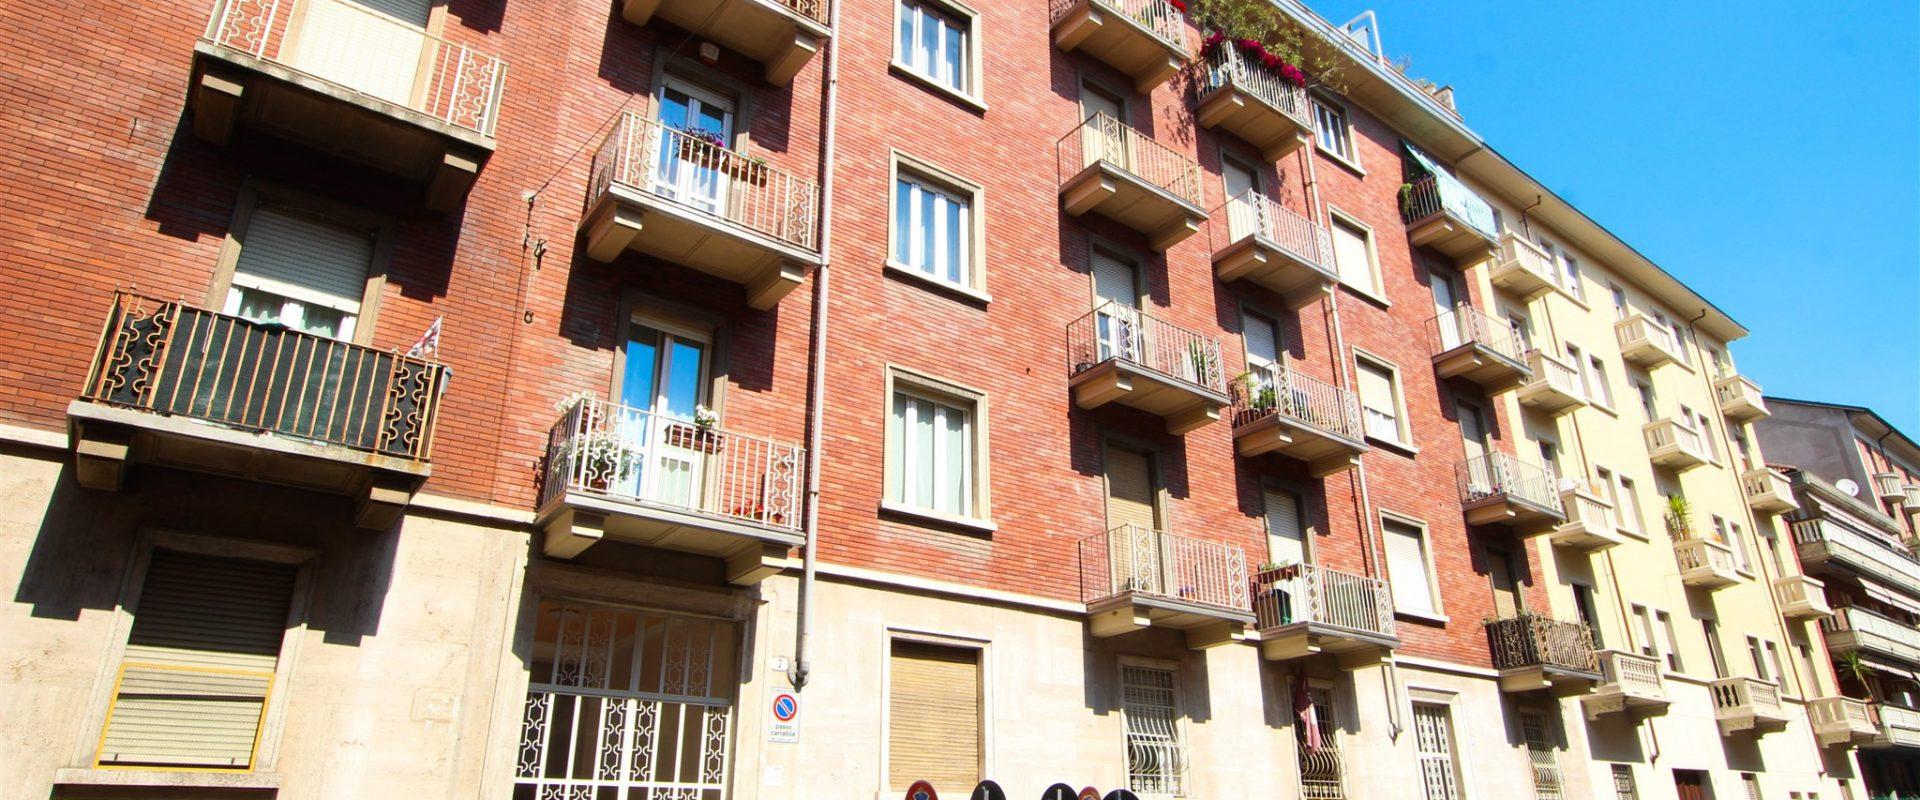 2 locali arredato a Torino